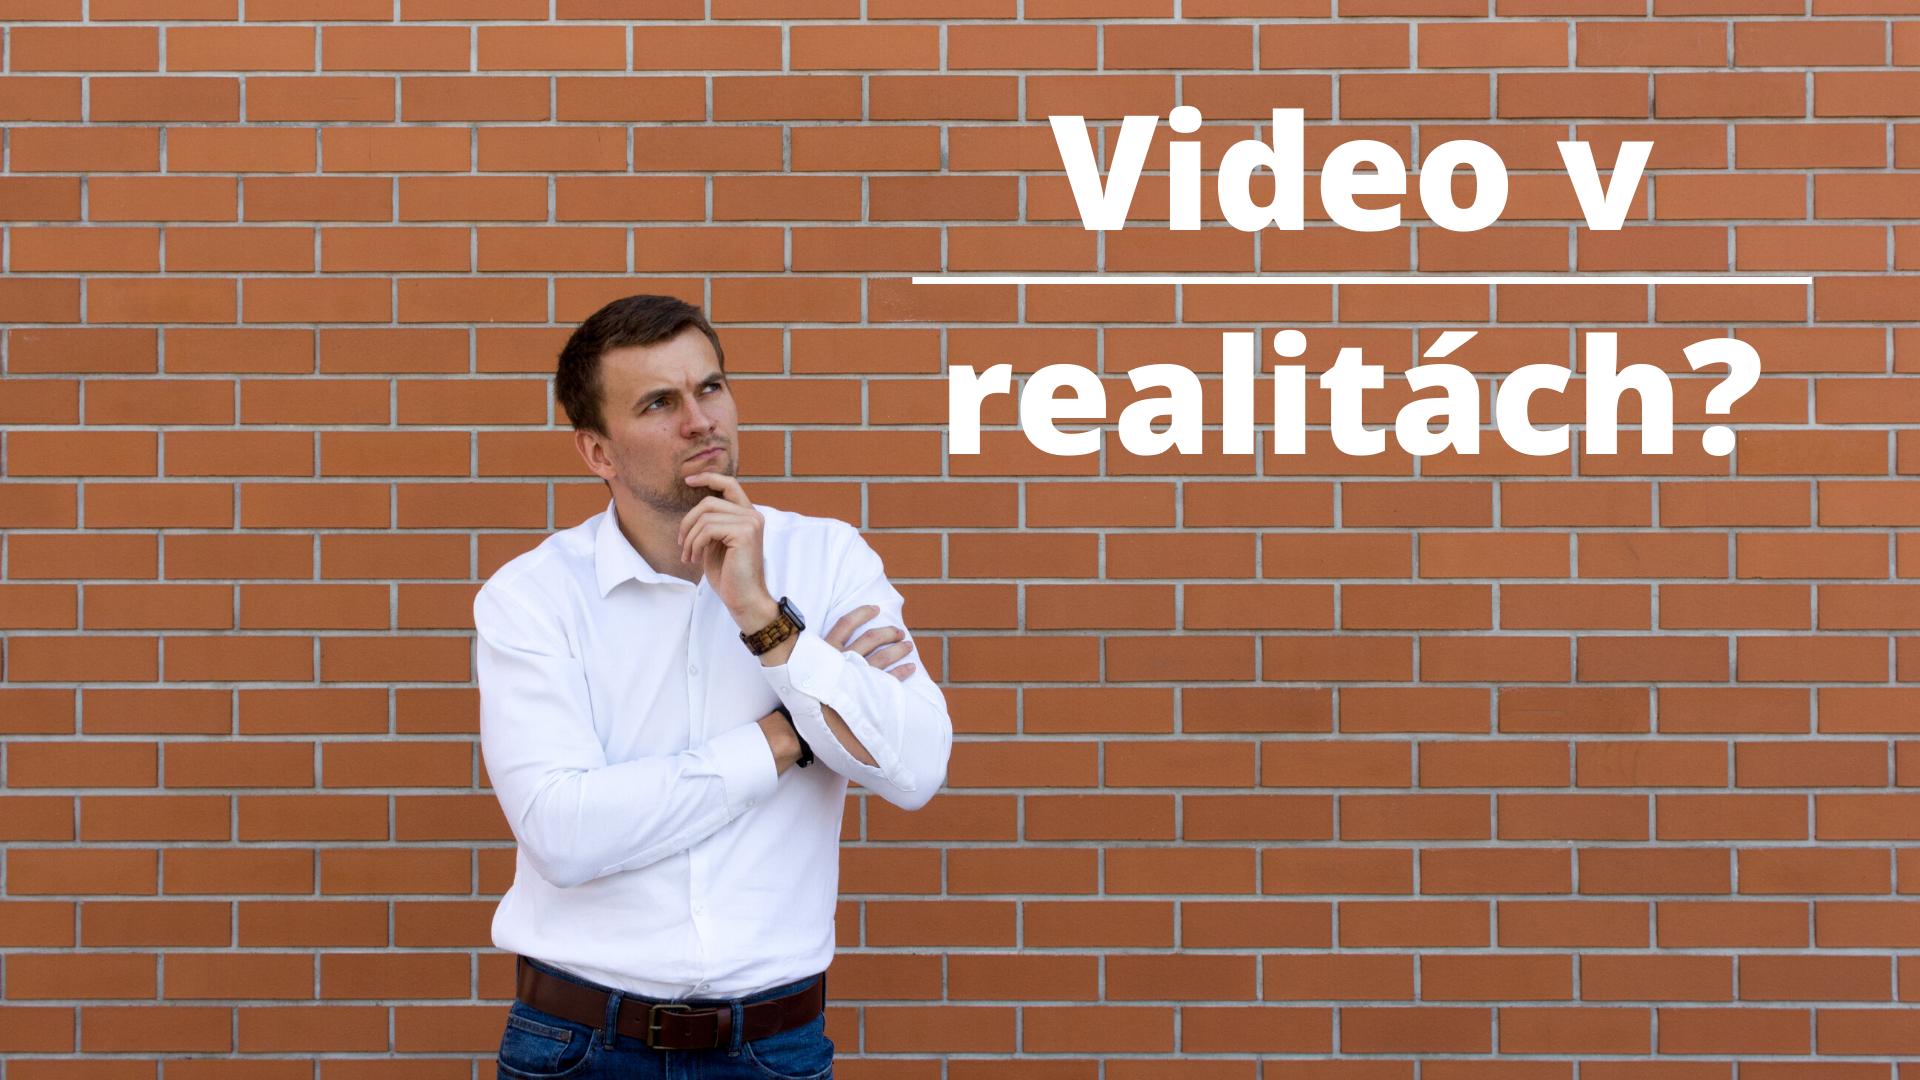 Video v realitách? No jasně!